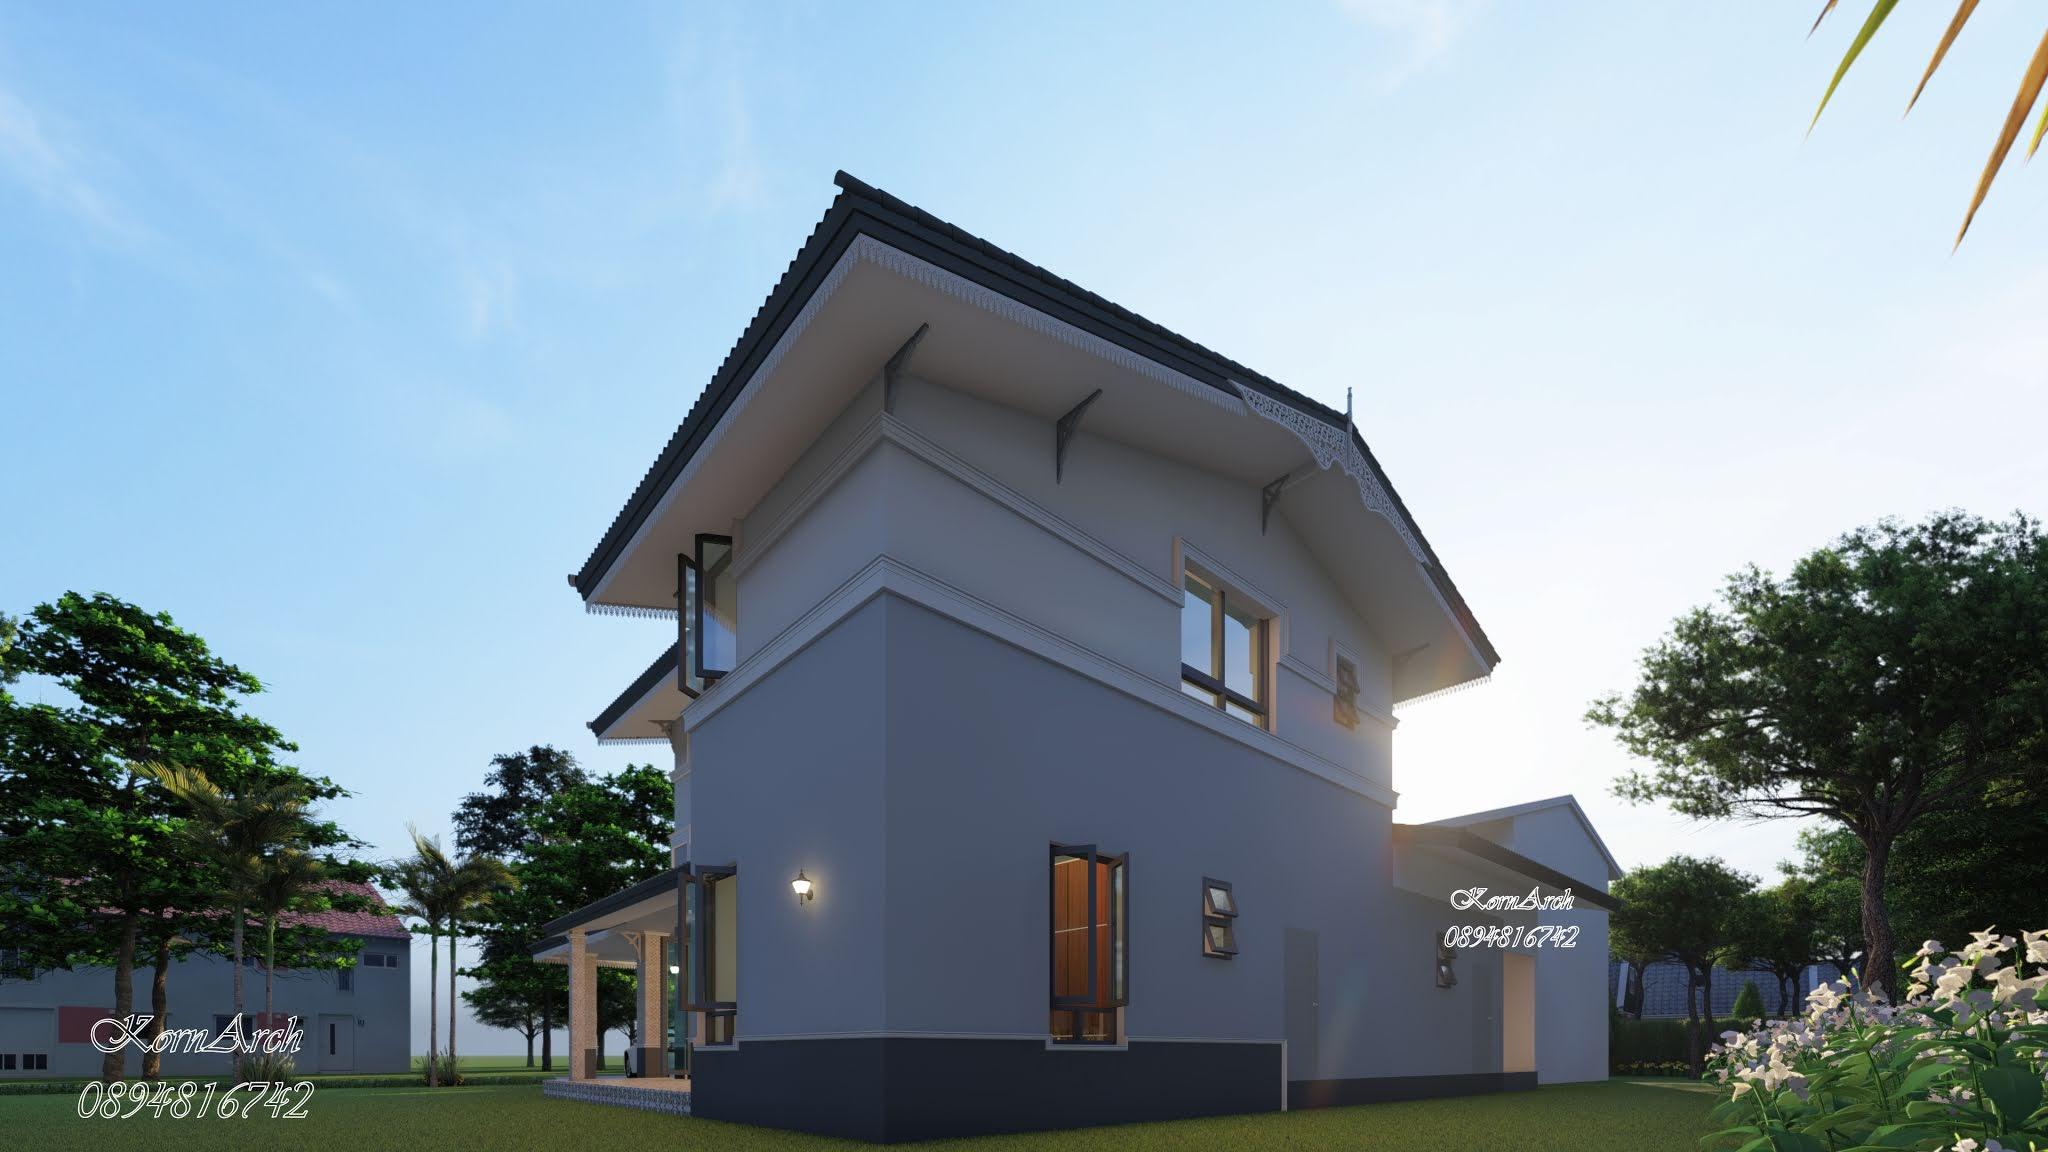 รับออกแบบต่อเติมบ้านพักอาศัย 2 ชั้นสไตล์โคโรเนียล เจ้าของอาคารคุณปวริศ ศรีนวล สถานที่ก่อสร้างแขวงจอมพล เขตจตุจักร กรุงเทพฯ รับเหมาก่อสร้างโดย บ.นิธรัช รับสร้างบ้าน